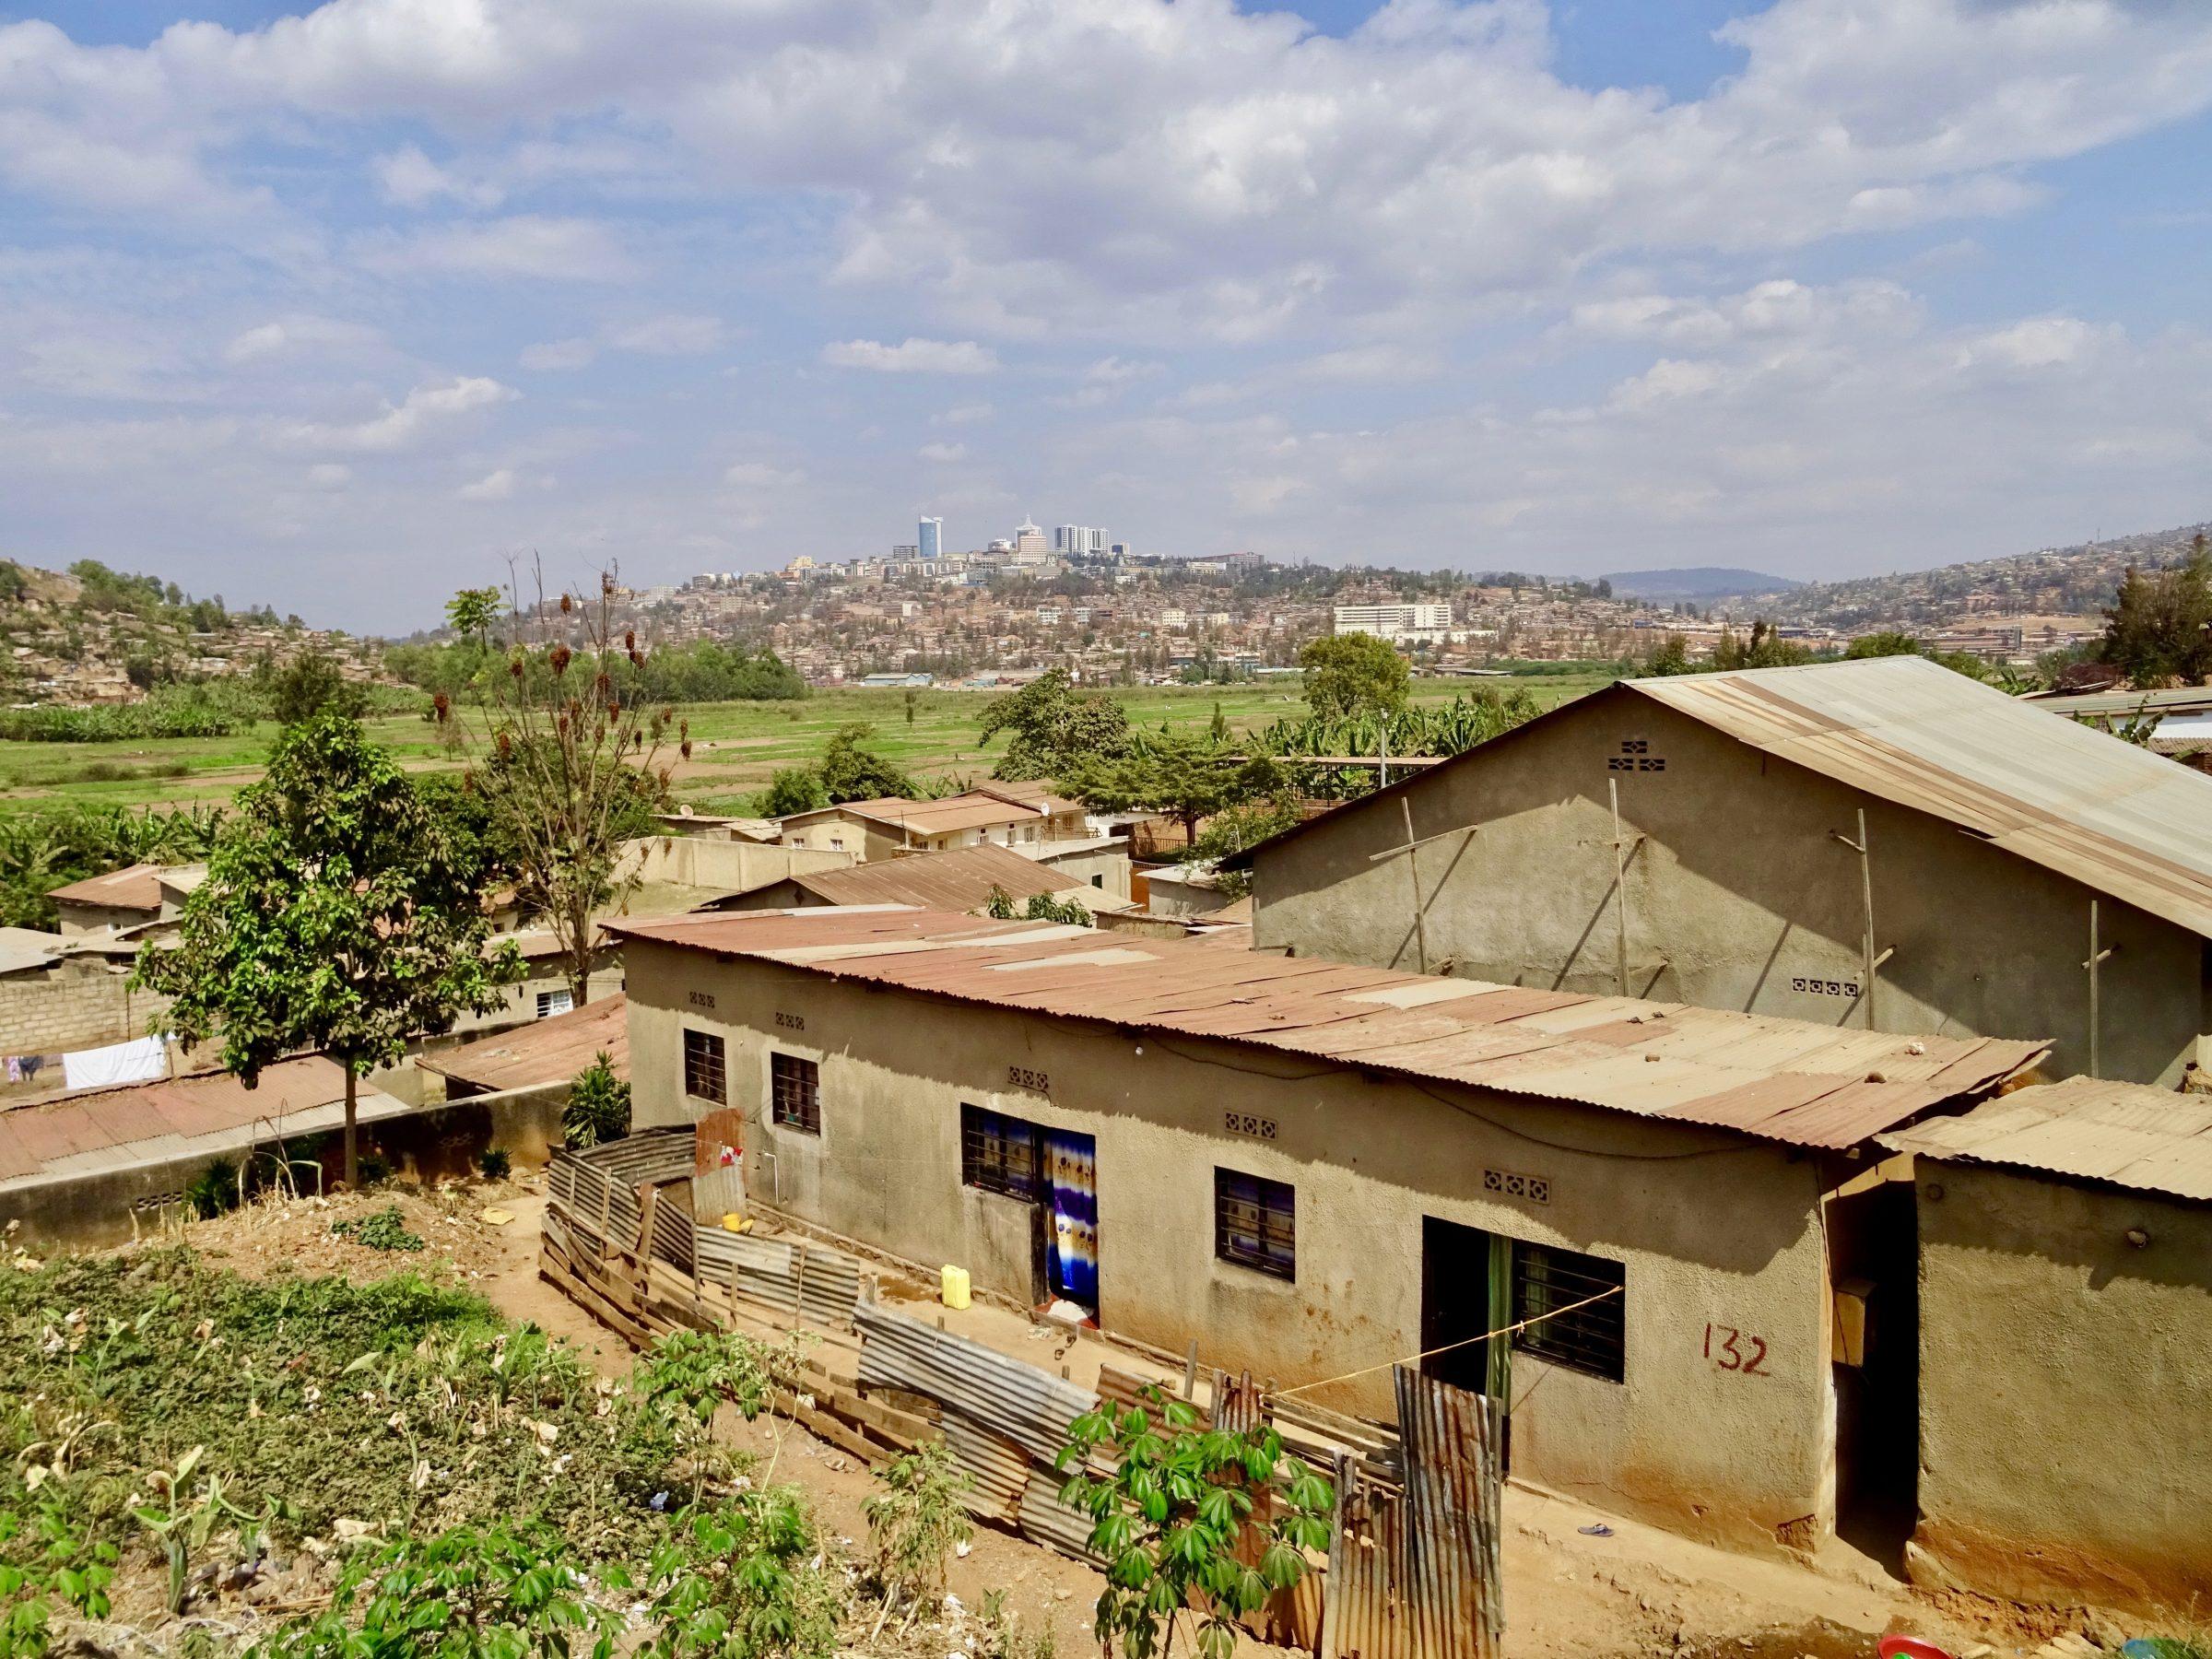 De skyline van Kigali vanaf de weg naar Oeganda